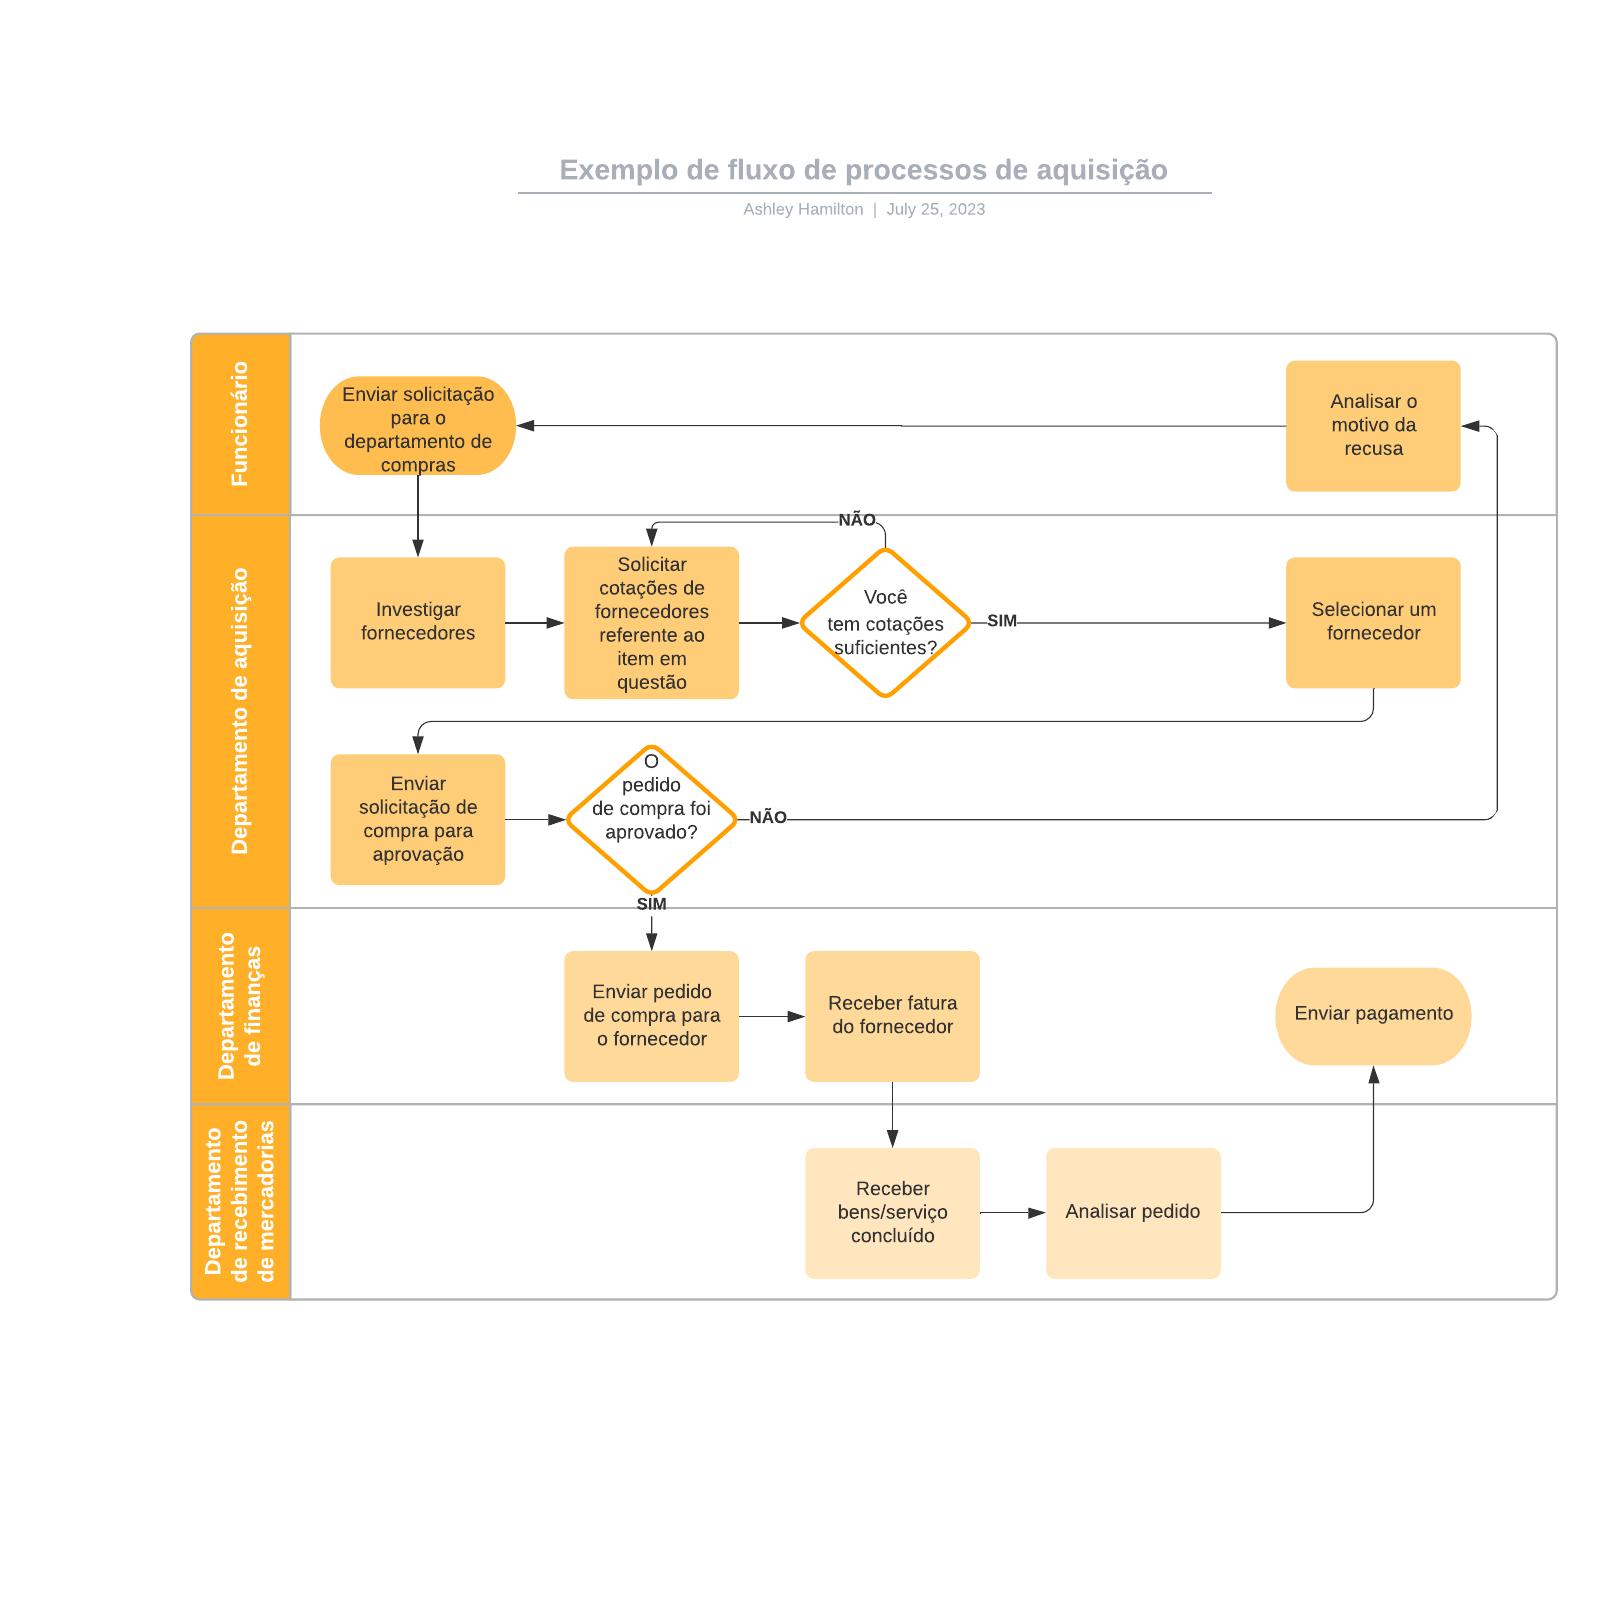 Exemplo de fluxo de processos de aquisição